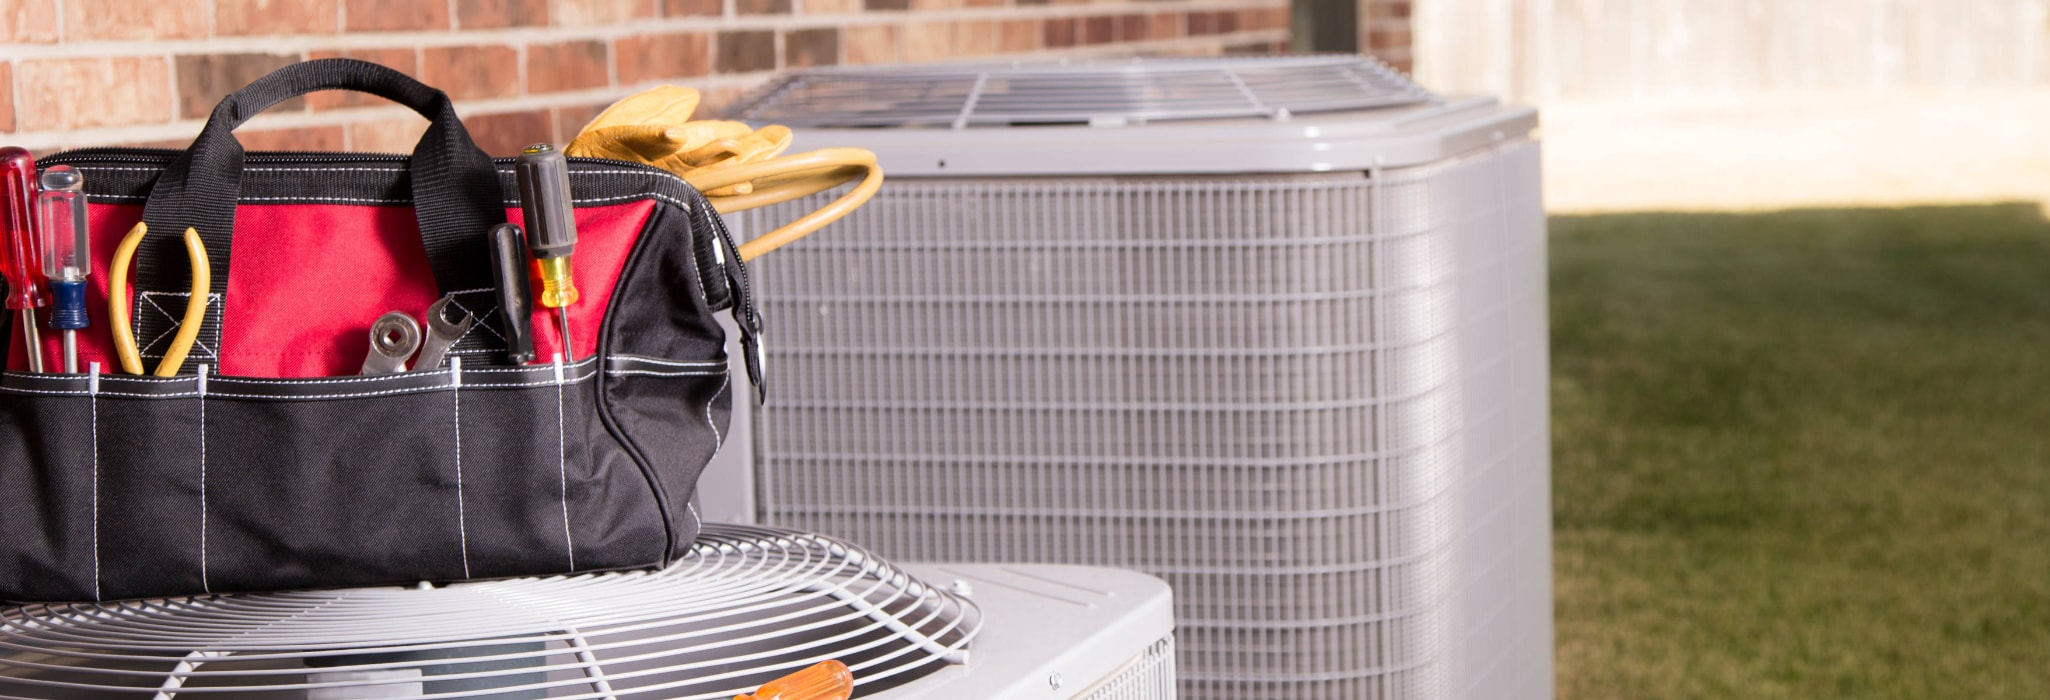 HVAC maintenance service.